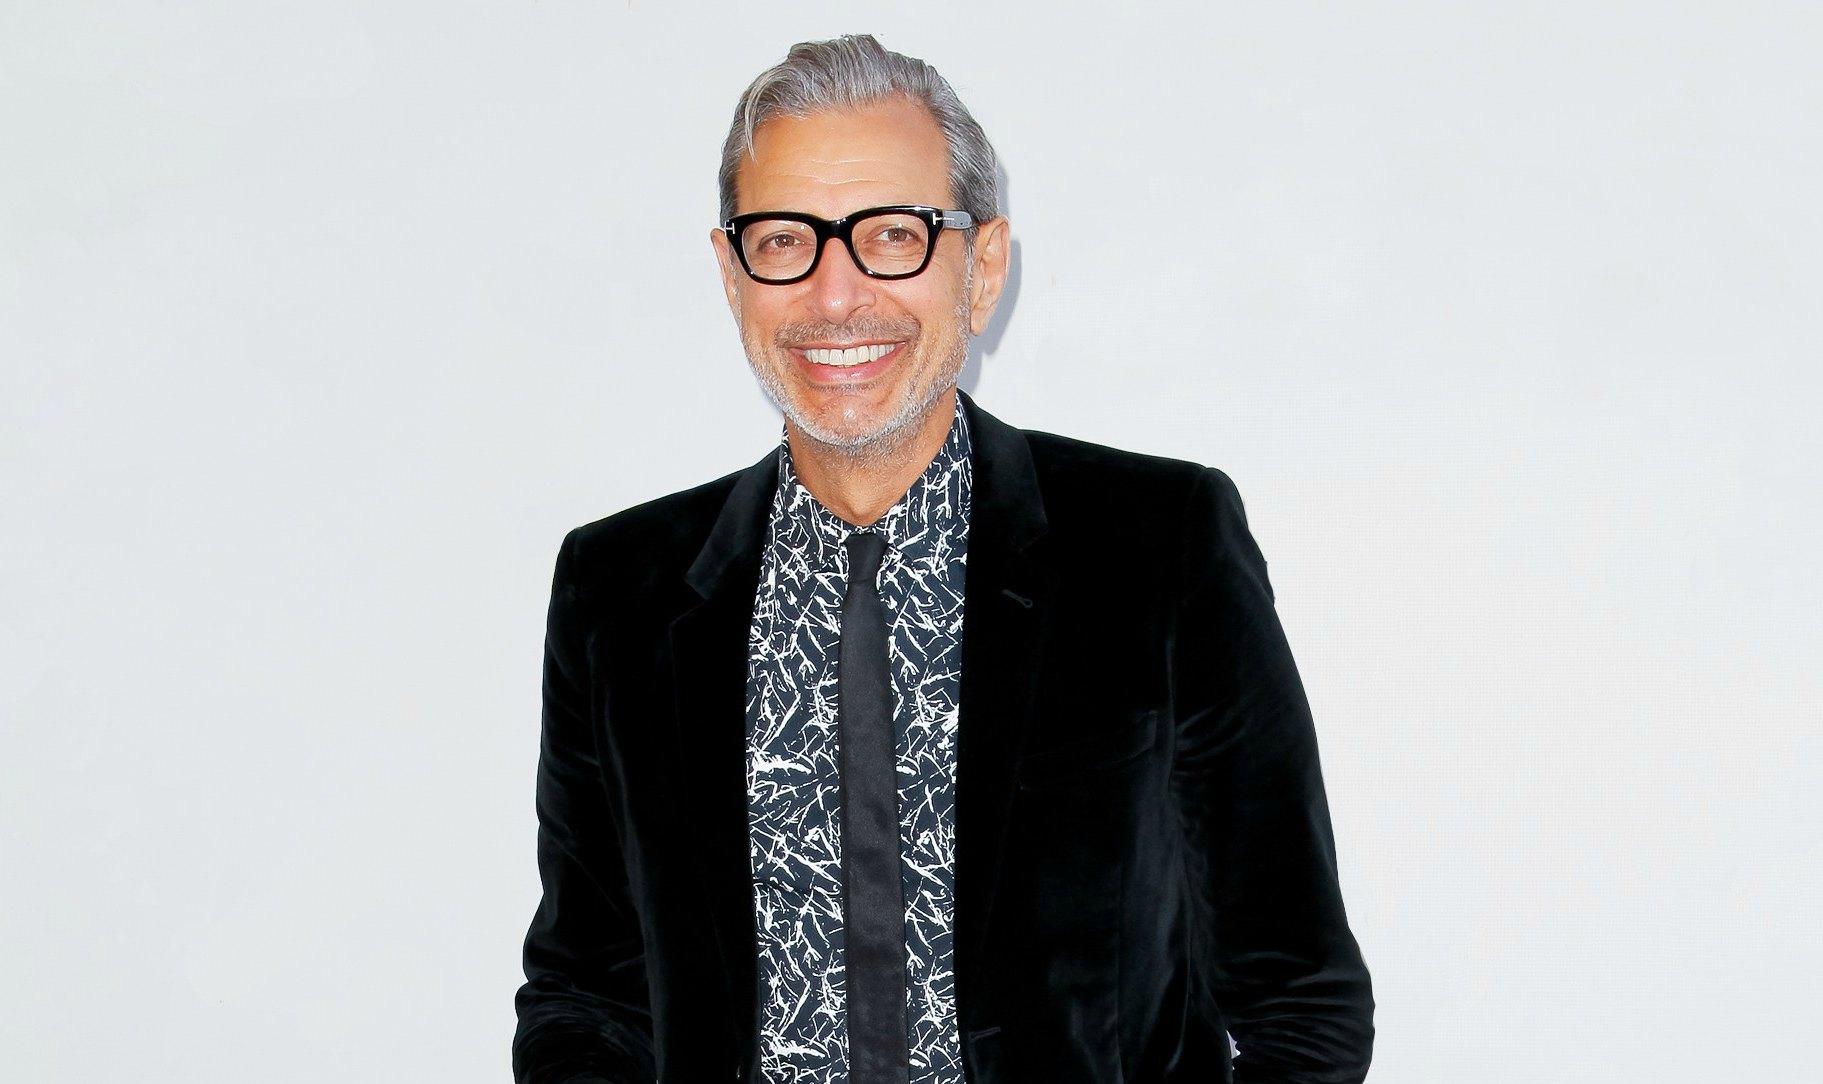 El Sumario - El actor de Jurassic Park grabó el disco con sus compañeros deThe Mildred Snitzer Orchestra y algunos artistas famosos